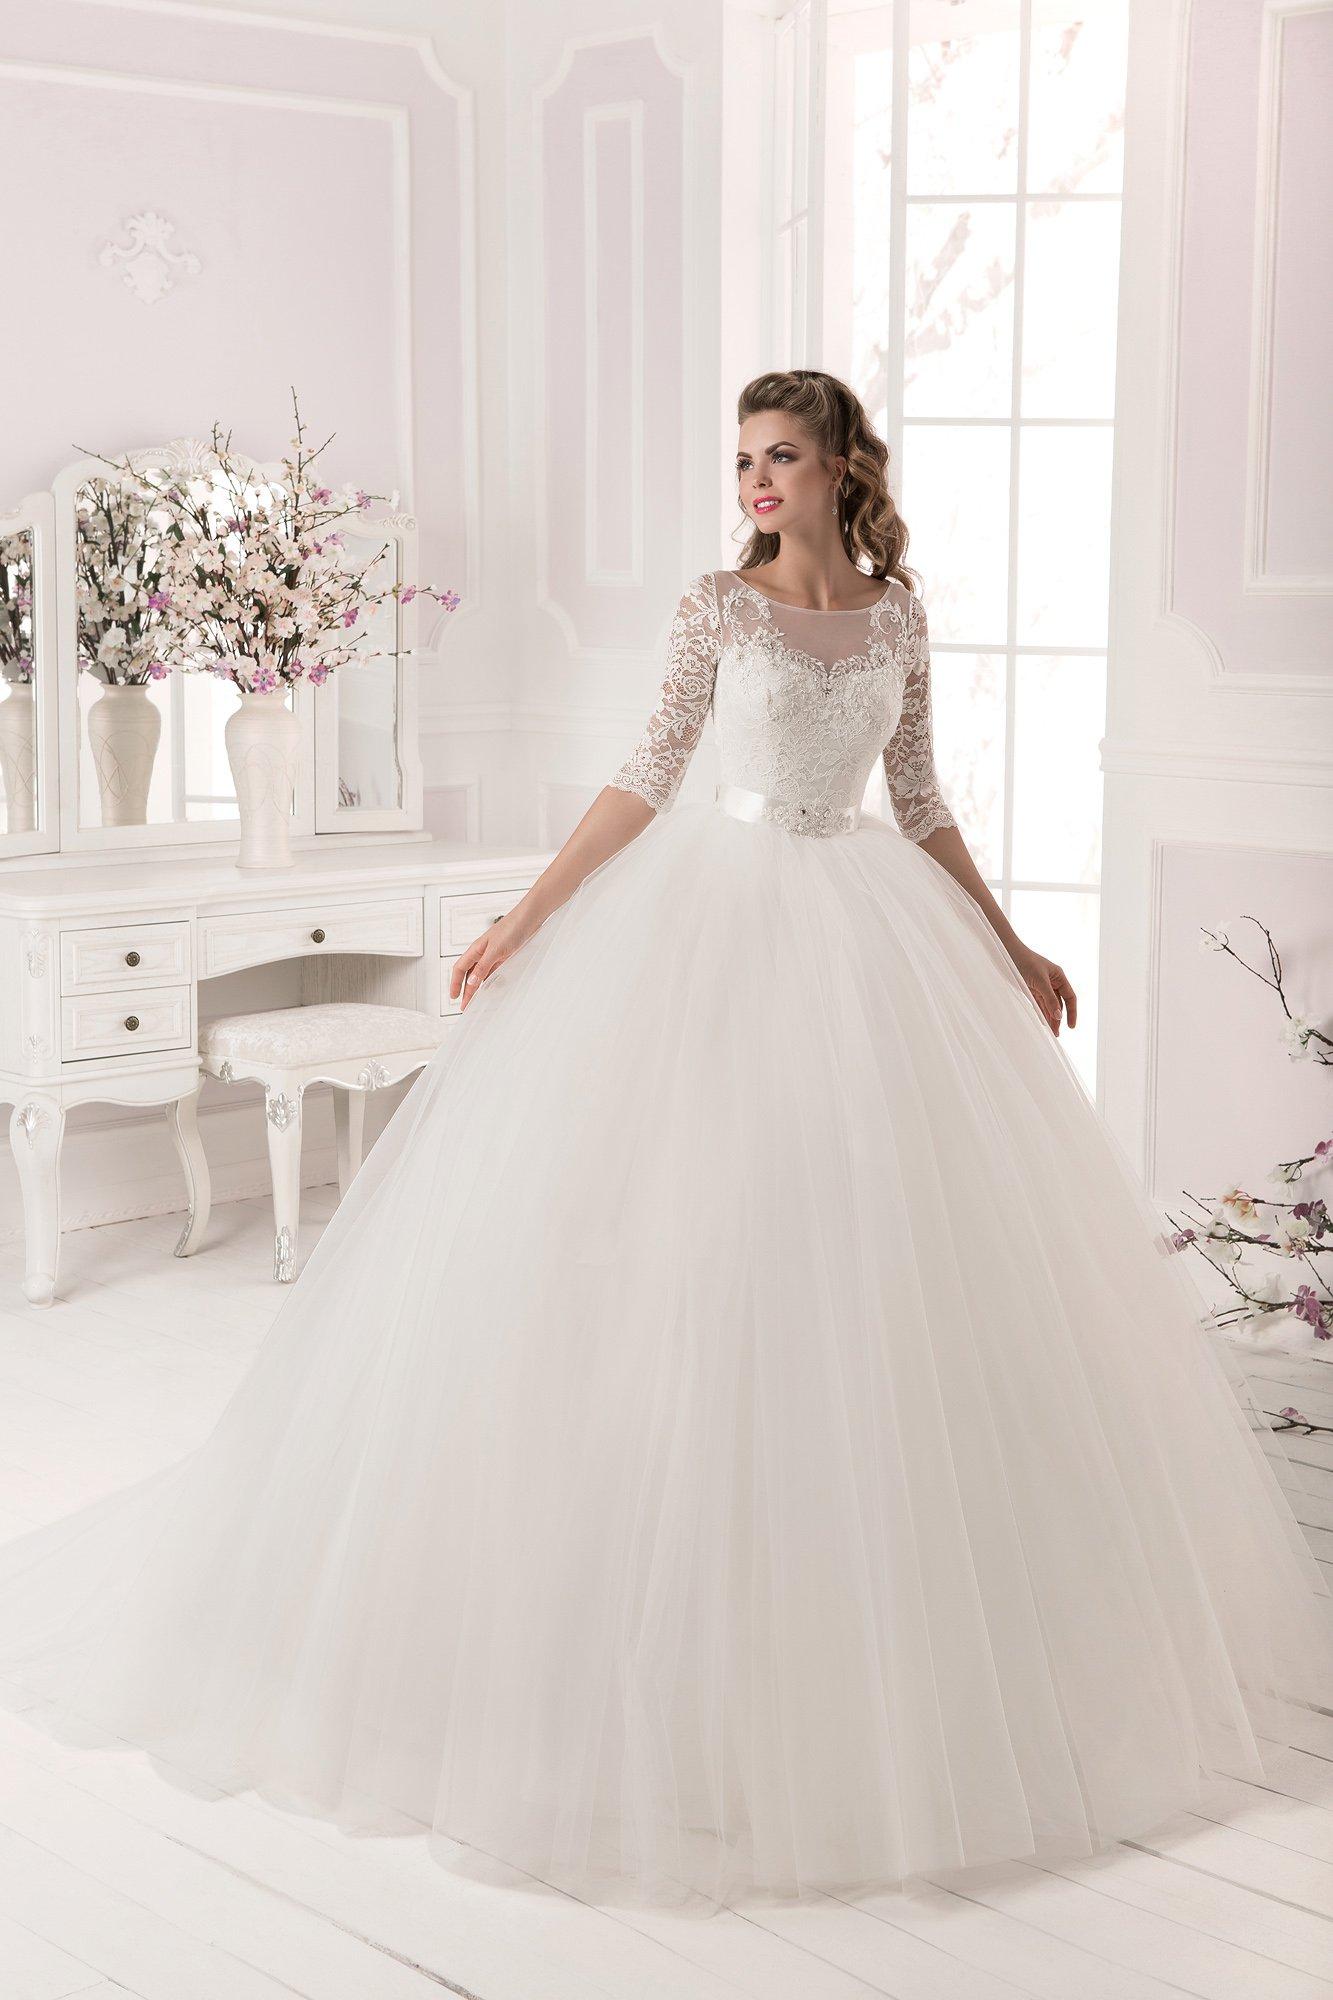 купить свадебное платье в курске недорого